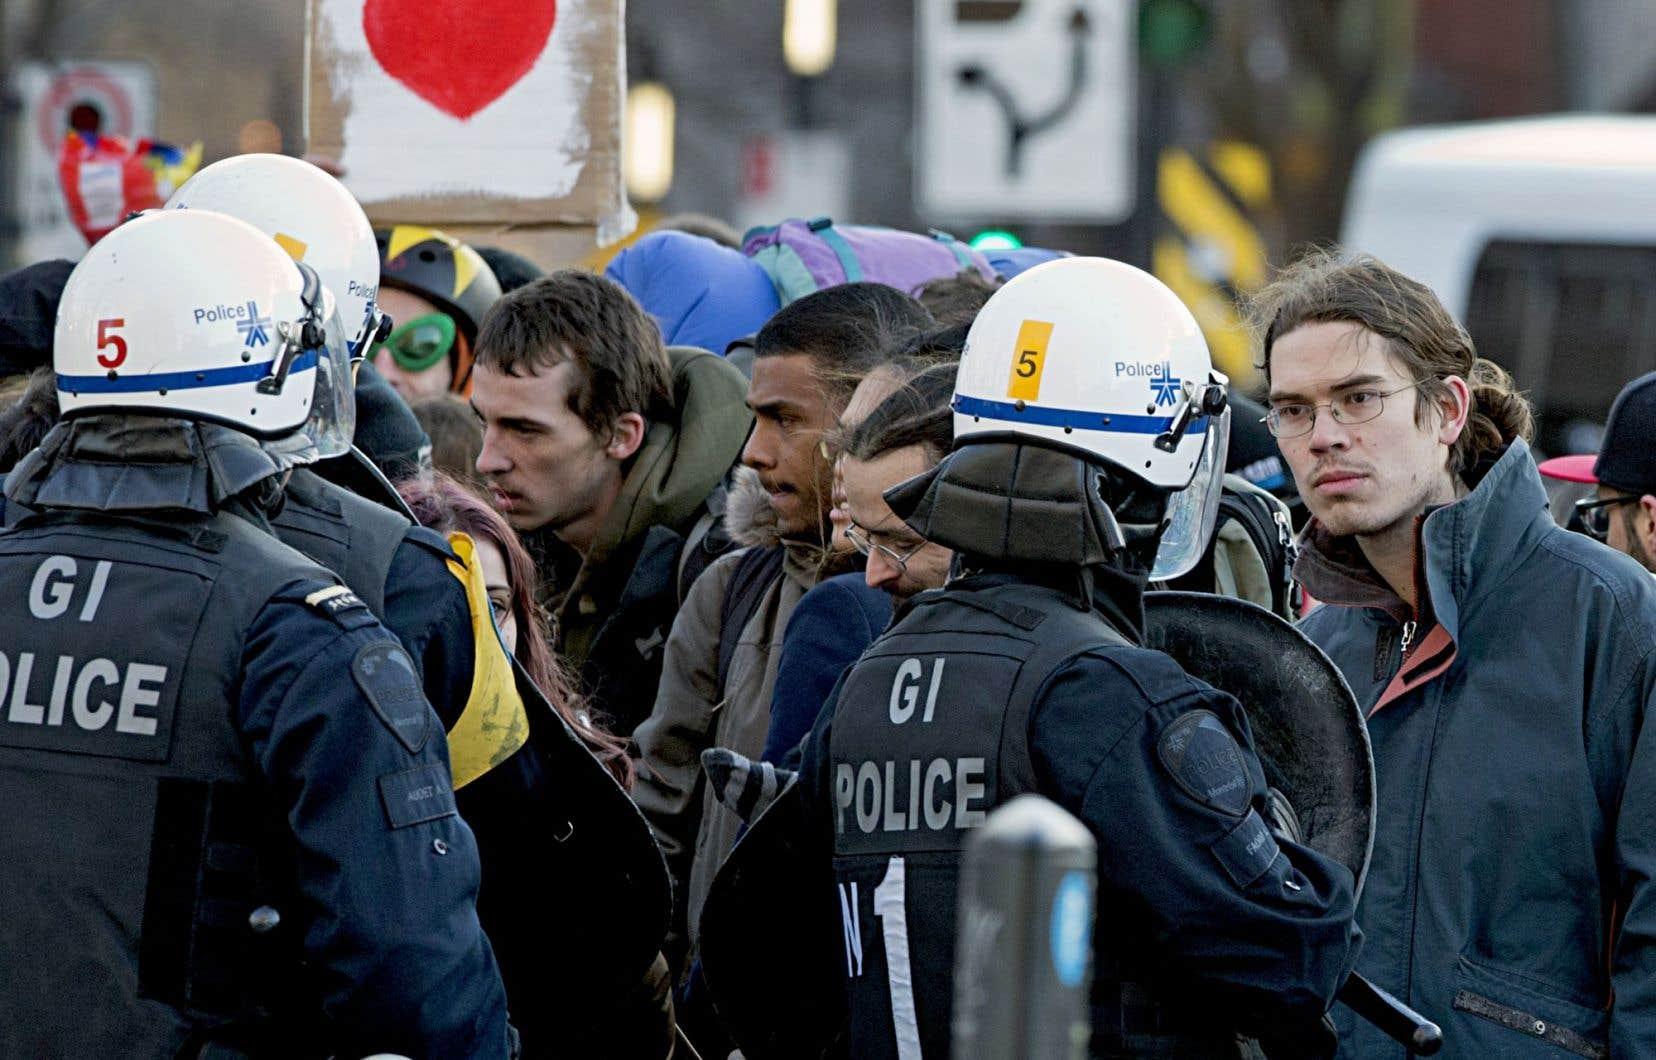 La Ville a décidé de ne pas en appeler de la décision du juge de la Cour municipale qui a jugé que le SPVM avait erré dans l'application du règlement P-6. Ci-dessus, des manifestants attendent de se voir remettre leur constat d'infraction après une arrestation de masse, le 5 avril 2013.